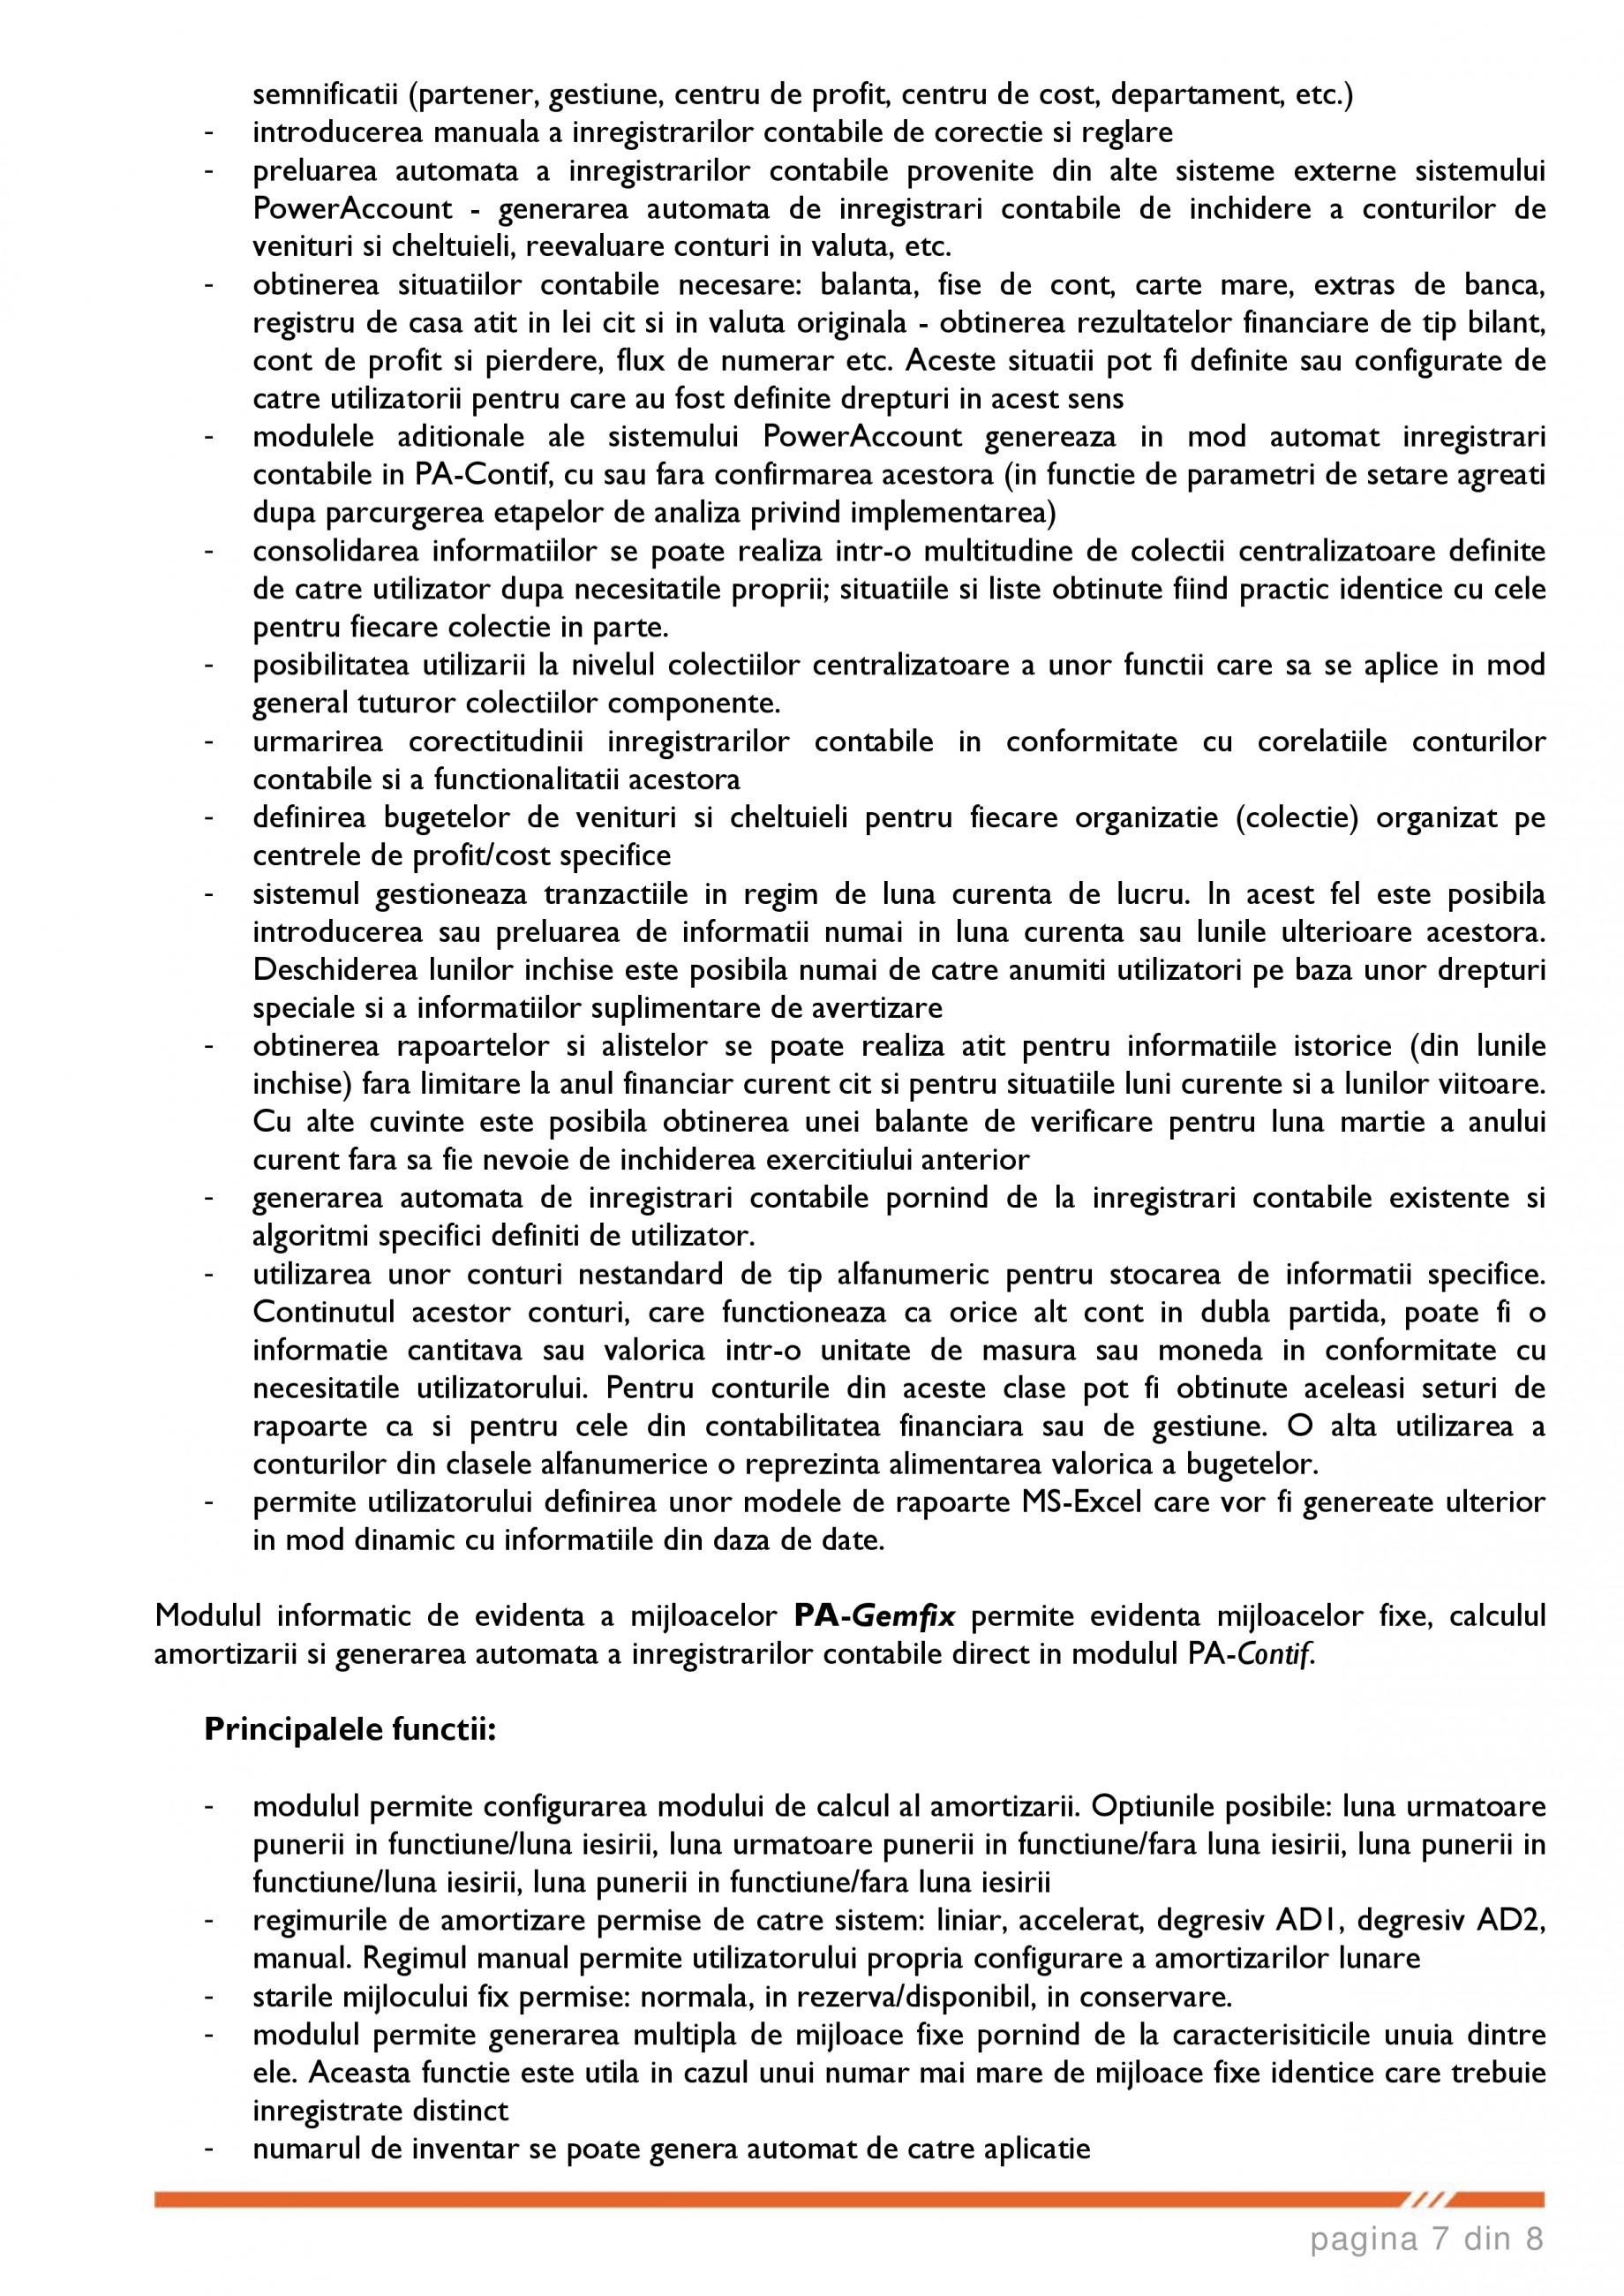 Catalog, brosura SCOP-C - Sistem pentru conducerea si organizarea productiei in constructii si instalatii SOFTEH PLUS Sistemul ERP - Planificarea Resurselor Intreprinderii SOFTEH PLUS  - Pagina 7